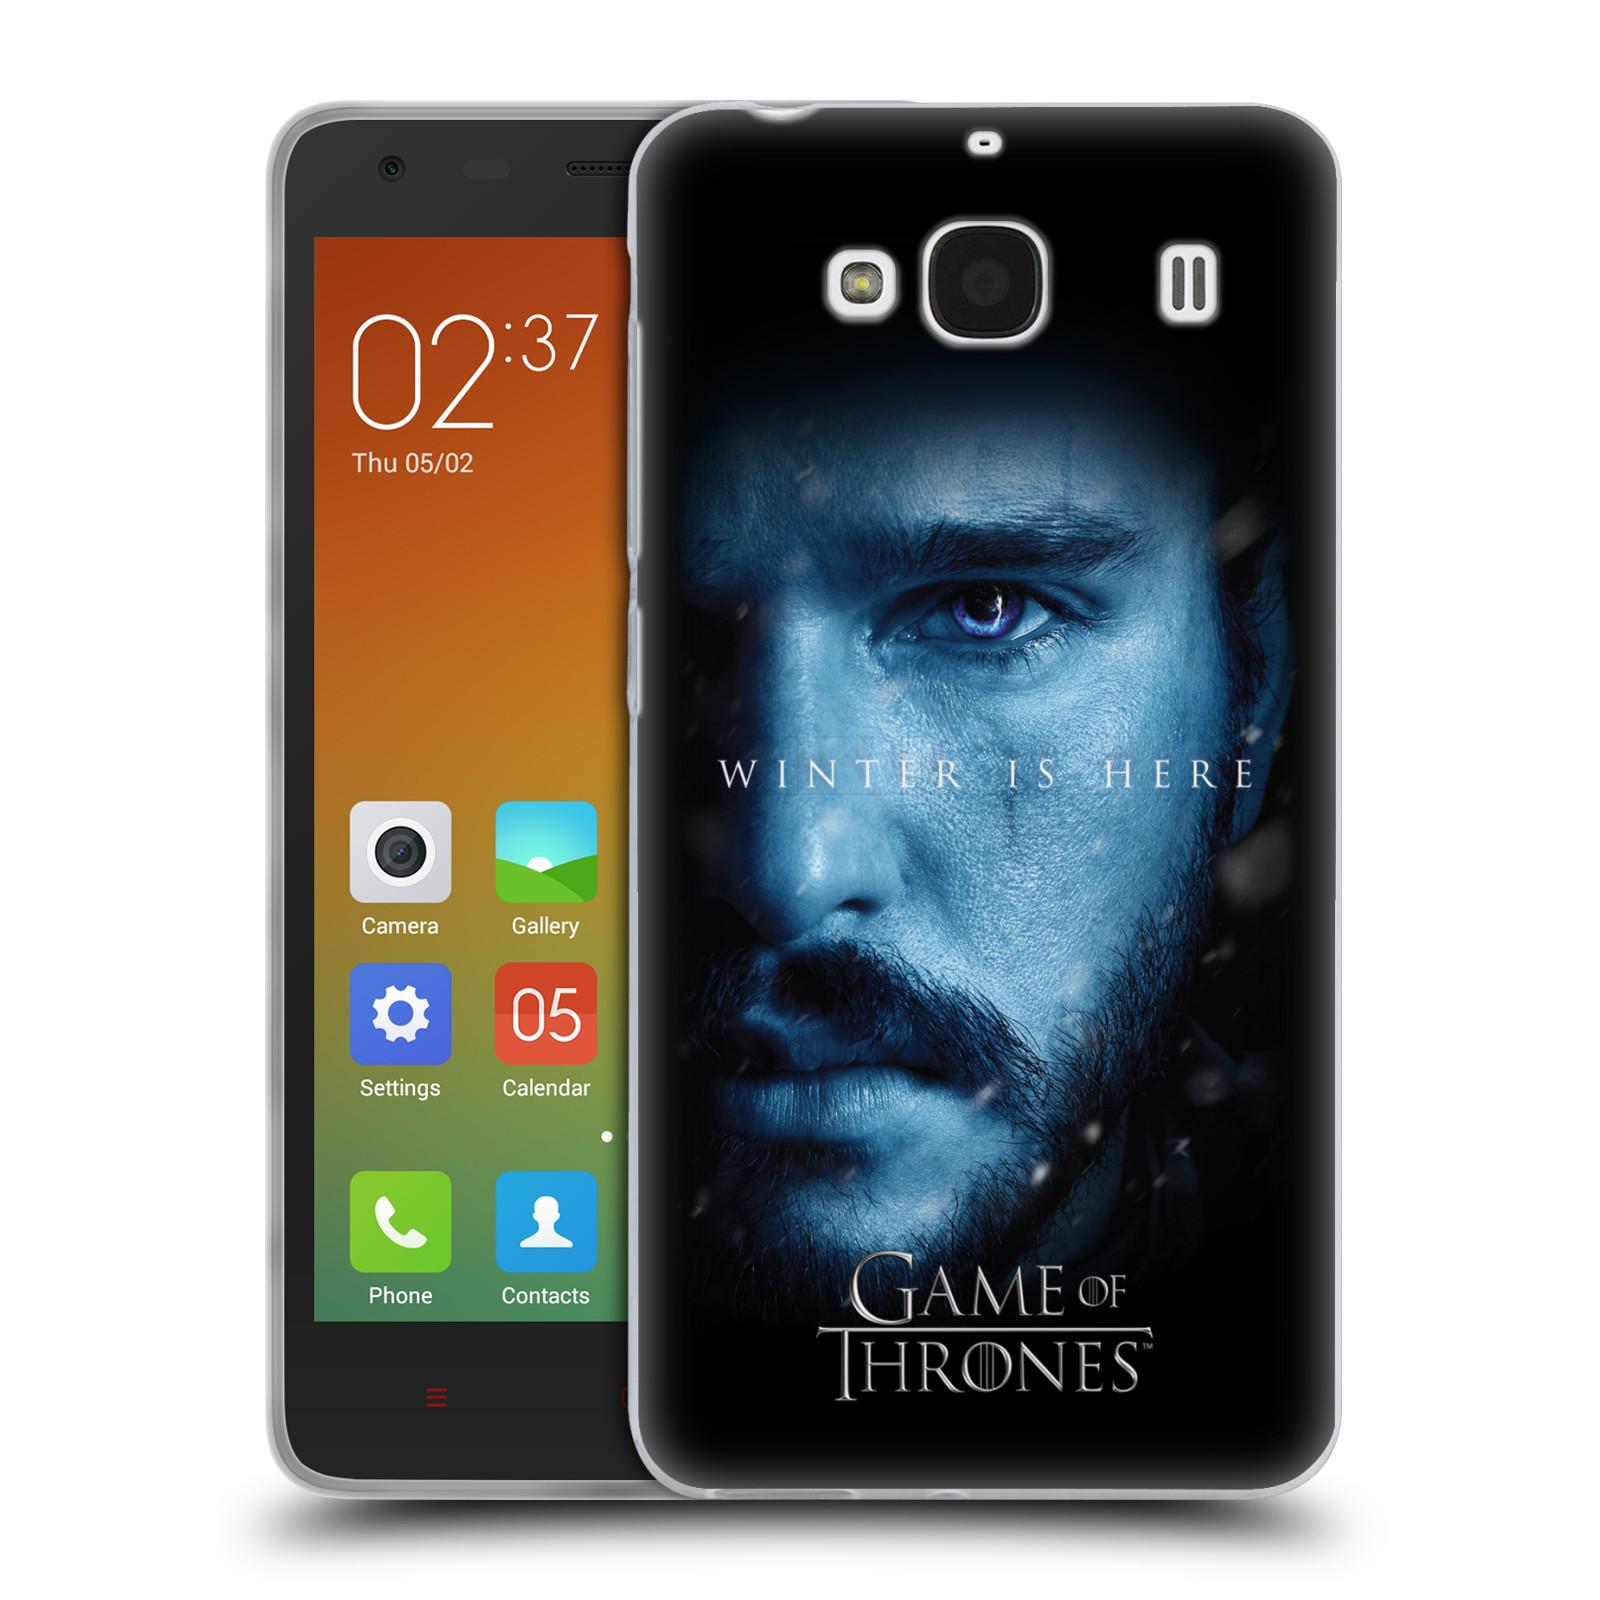 Silikonové pouzdro na mobil Xiaomi Redmi 2 - Head Case - Hra o trůny - Jon Snow - Winter is here (Silikonový kryt či obal na mobilní telefon s motivem Game of Thrones - Jon Snow - Winter is here - Season 7 pro Xiaomi Redmi 2)